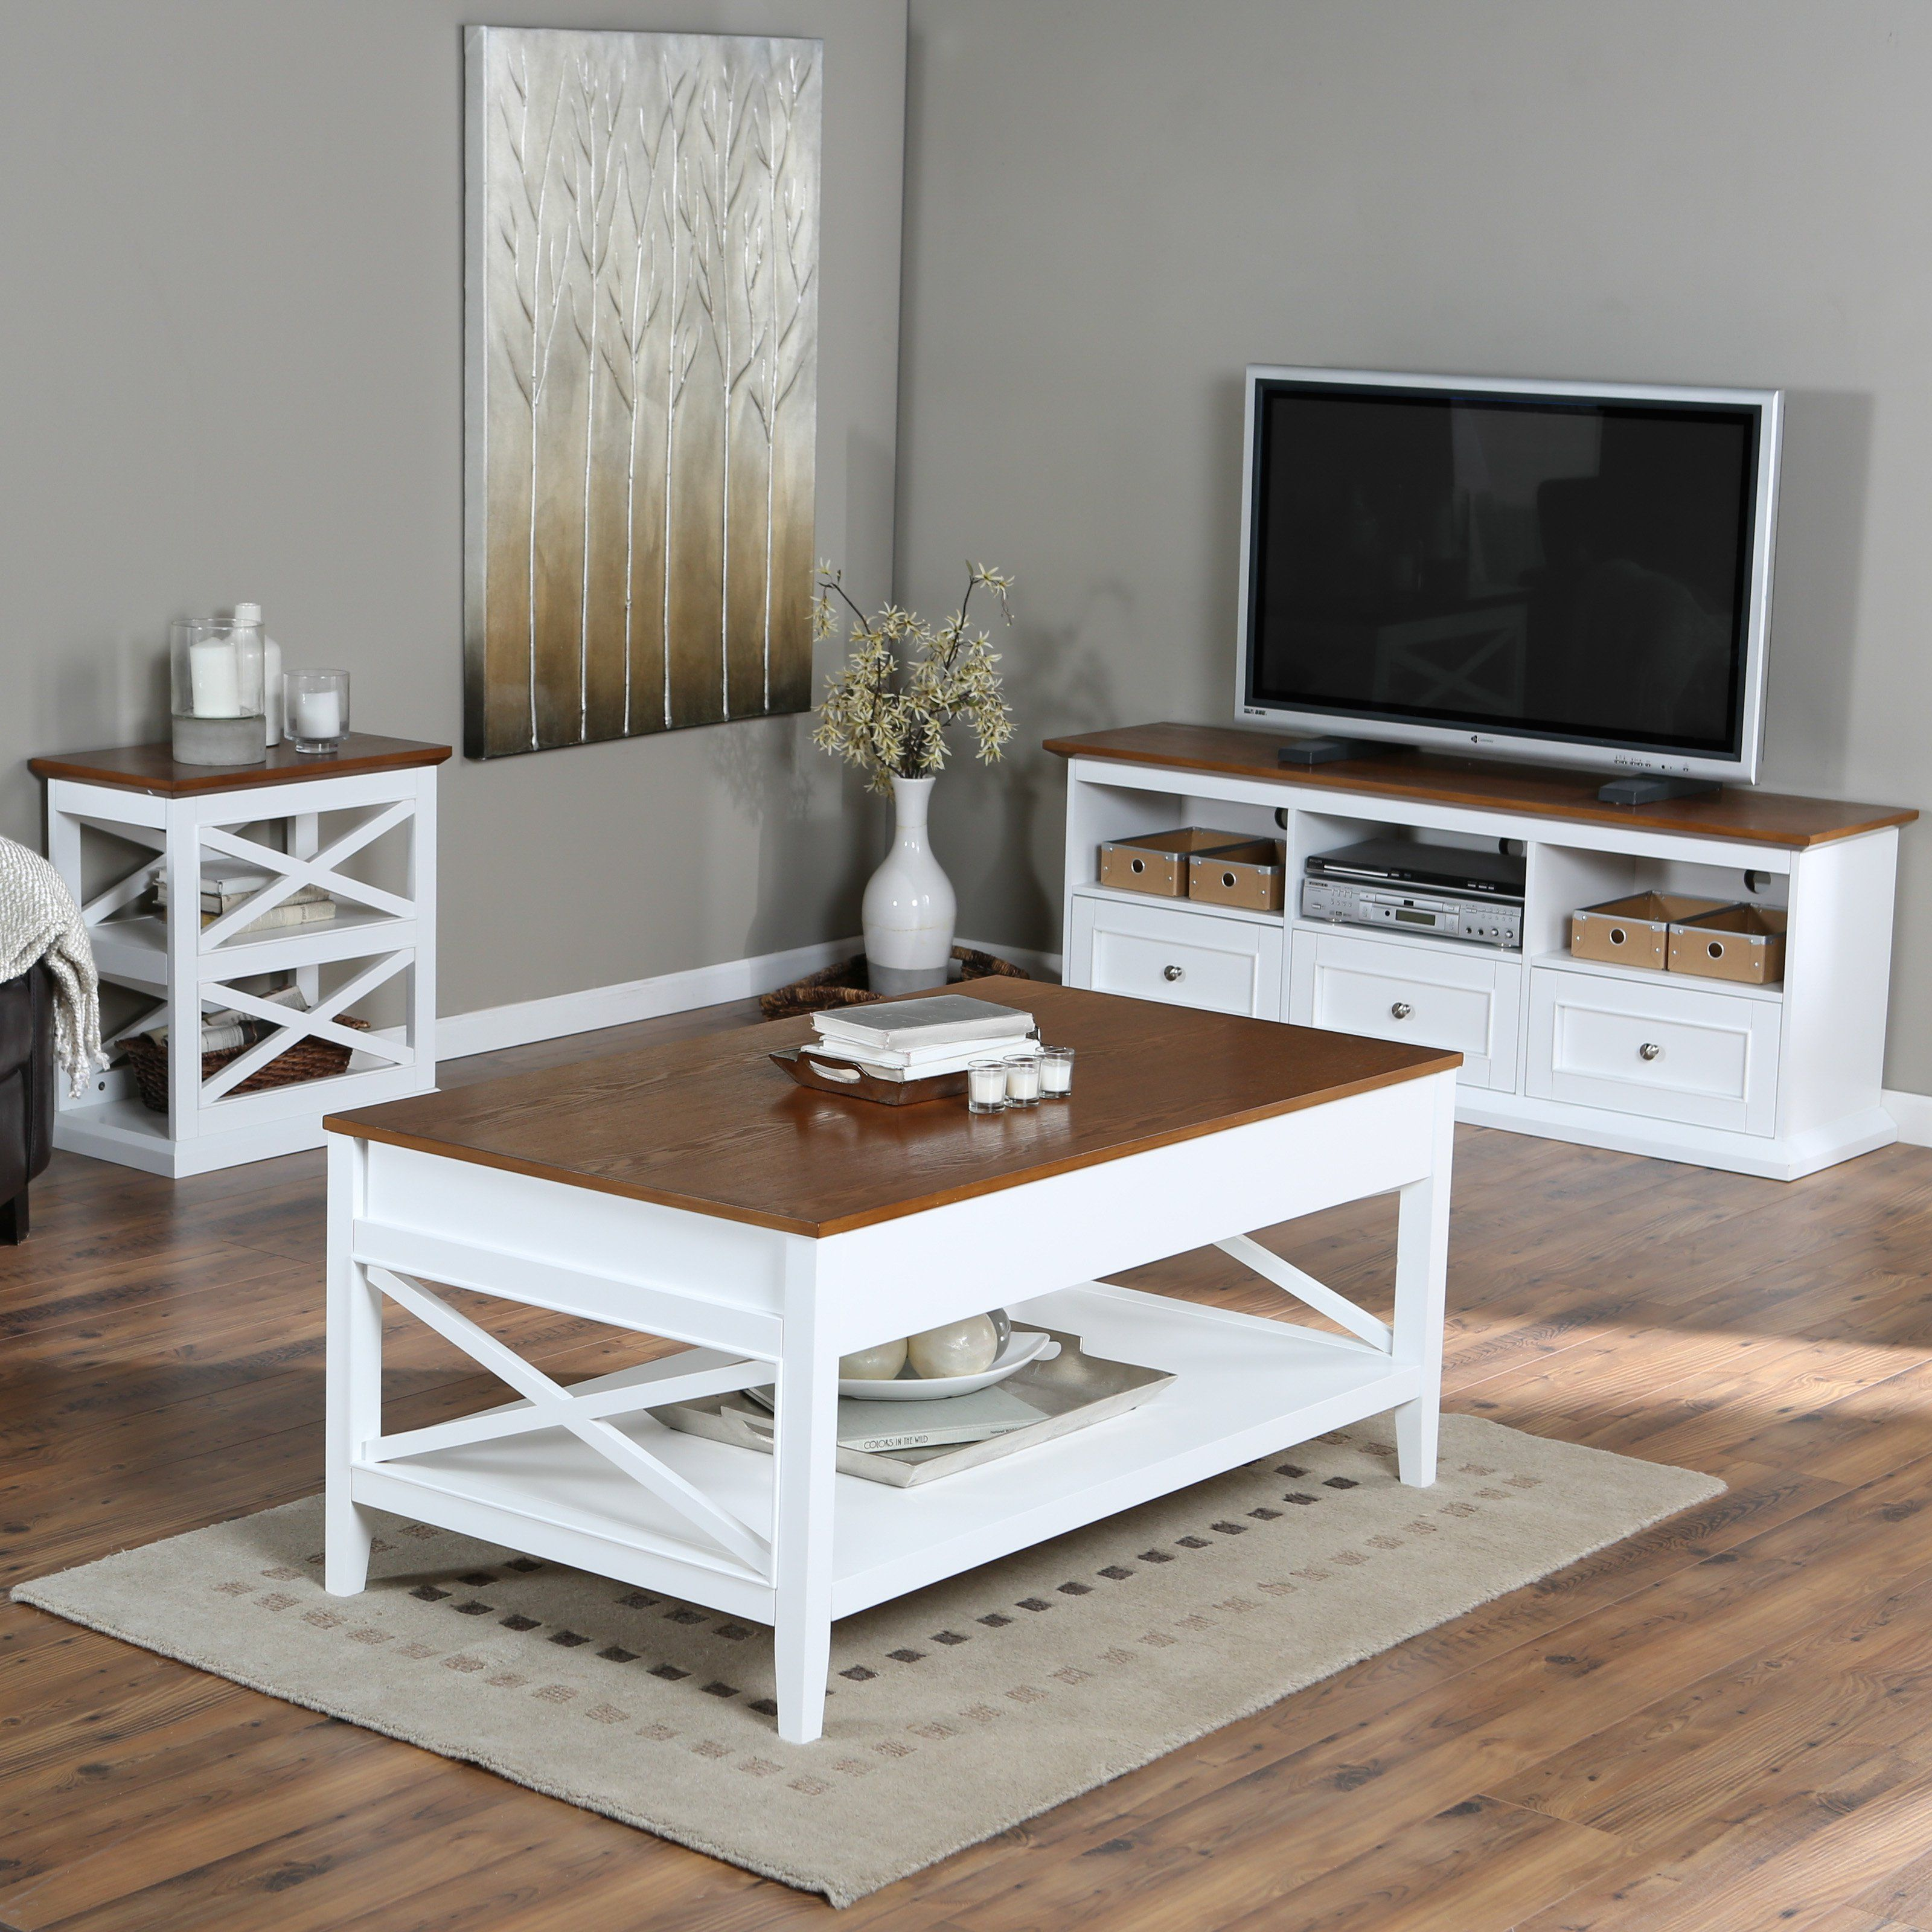 Belham Living Hampton Living Room Collection - White/Oak ...